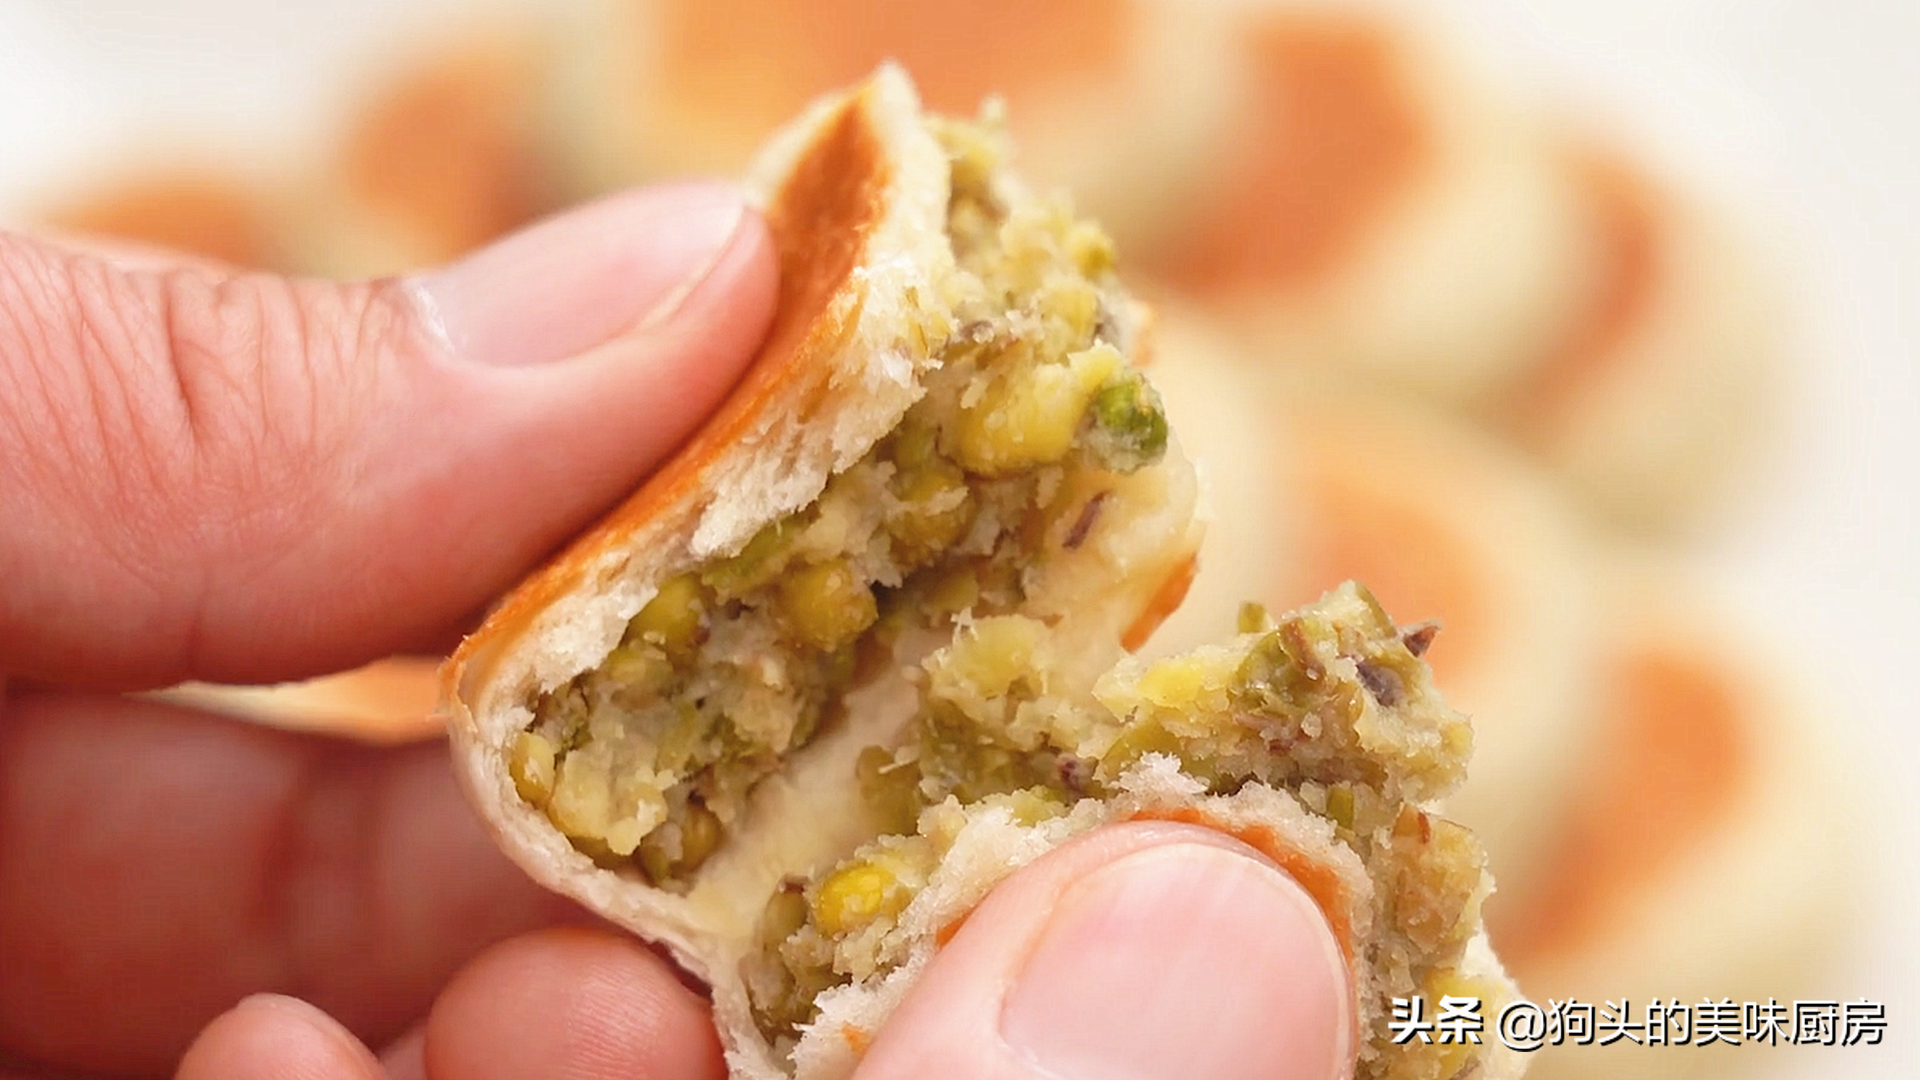 不做酥皮不用烤箱就能做的绿豆饼,清甜不油腻,比外面买的还好吃 美食做法 第3张